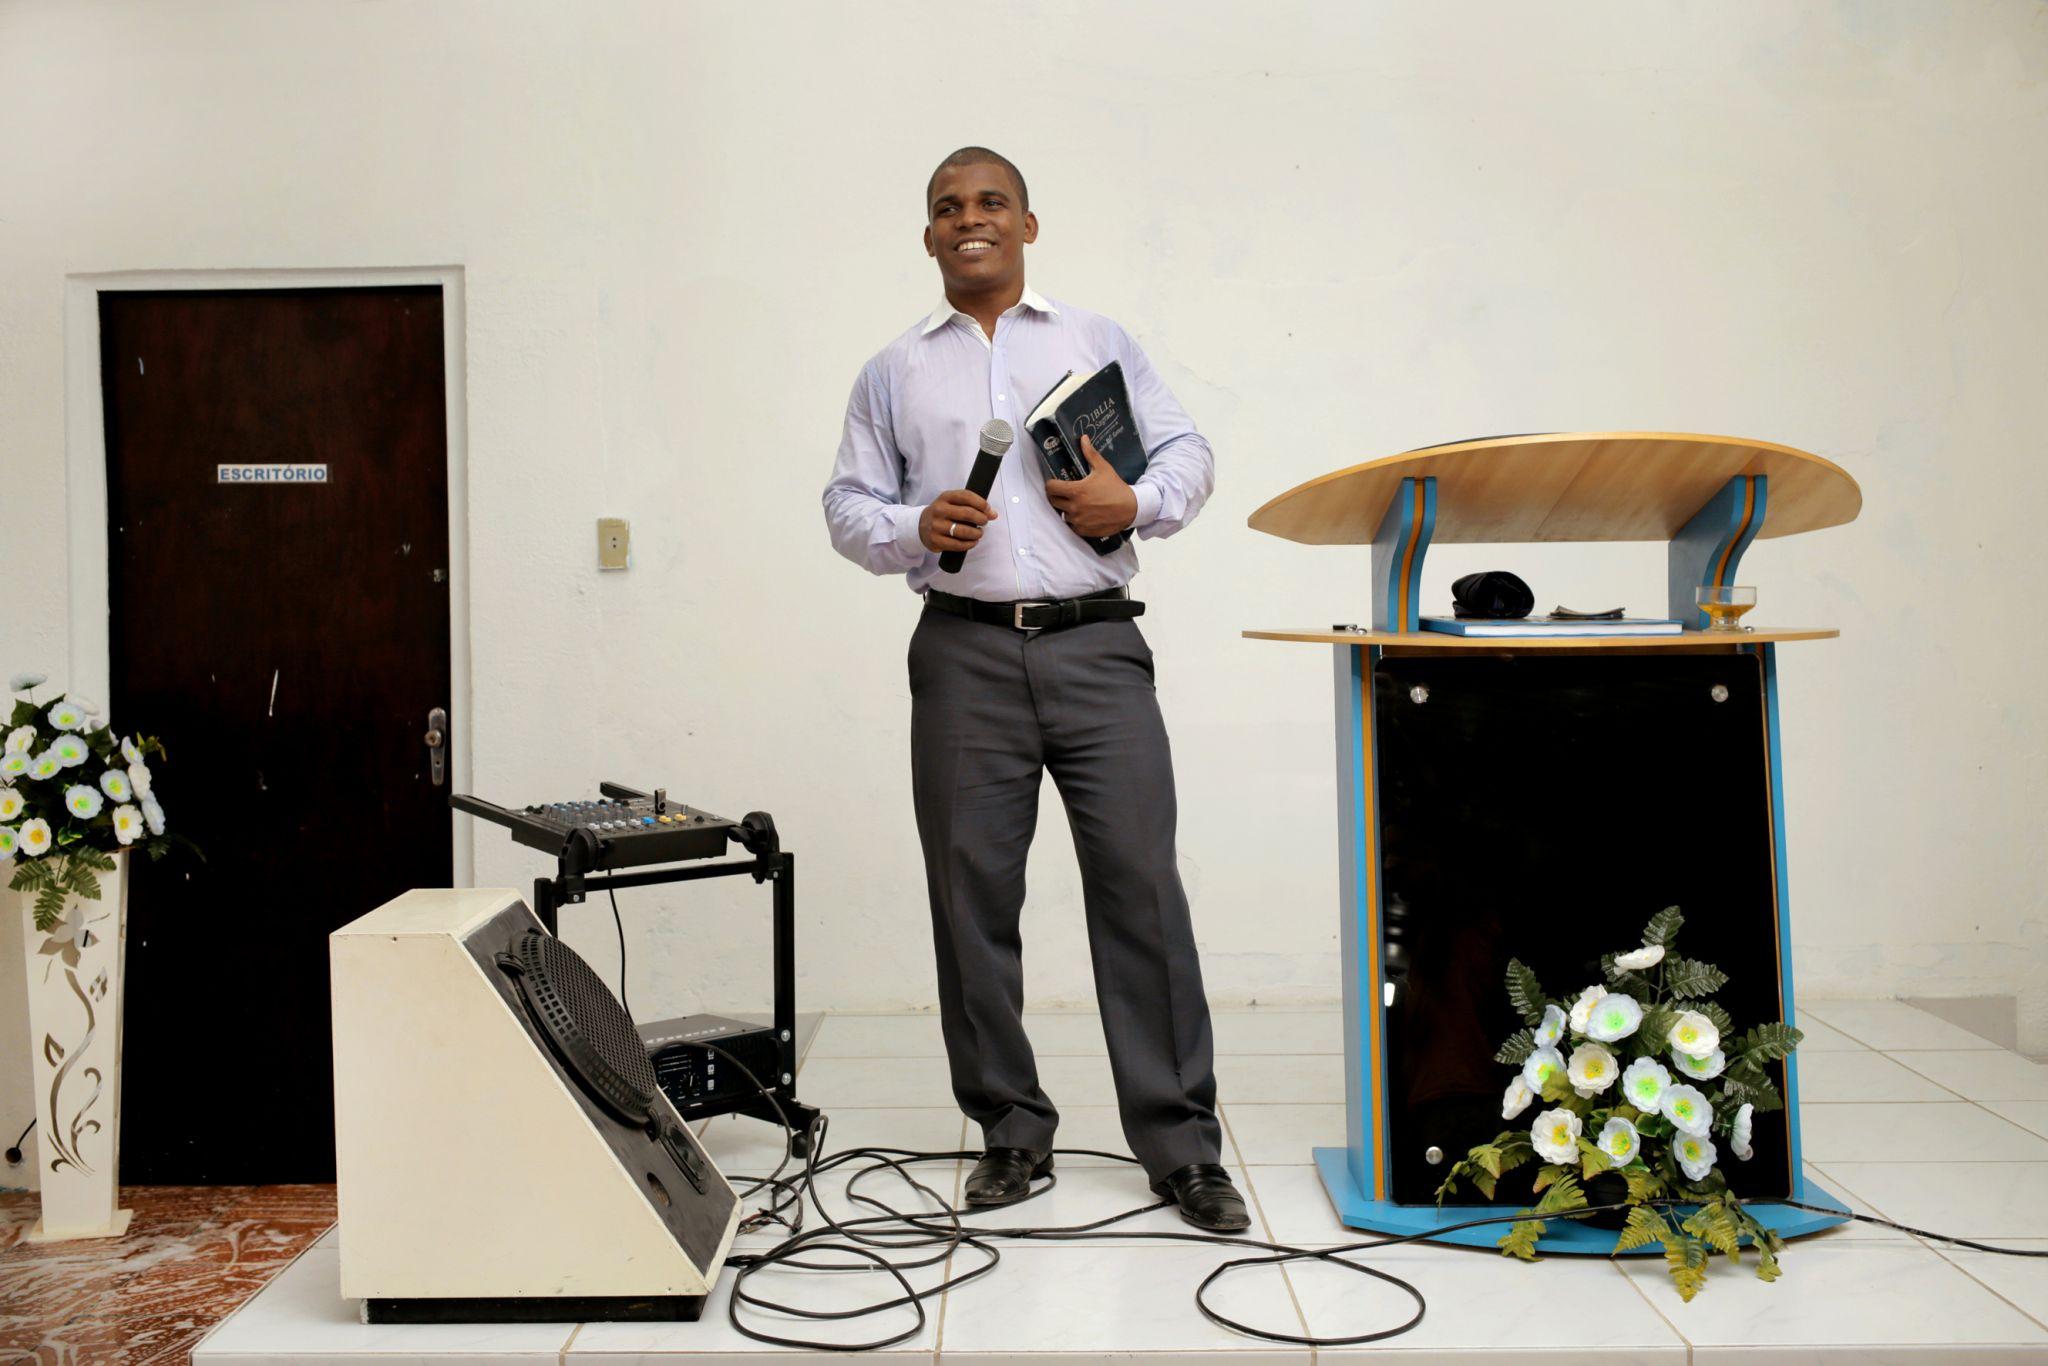 O pastor Caetano, 27, prega na Igreja Internacional da Graça de Deus, da cidade de Jaboatão, há 7 anos